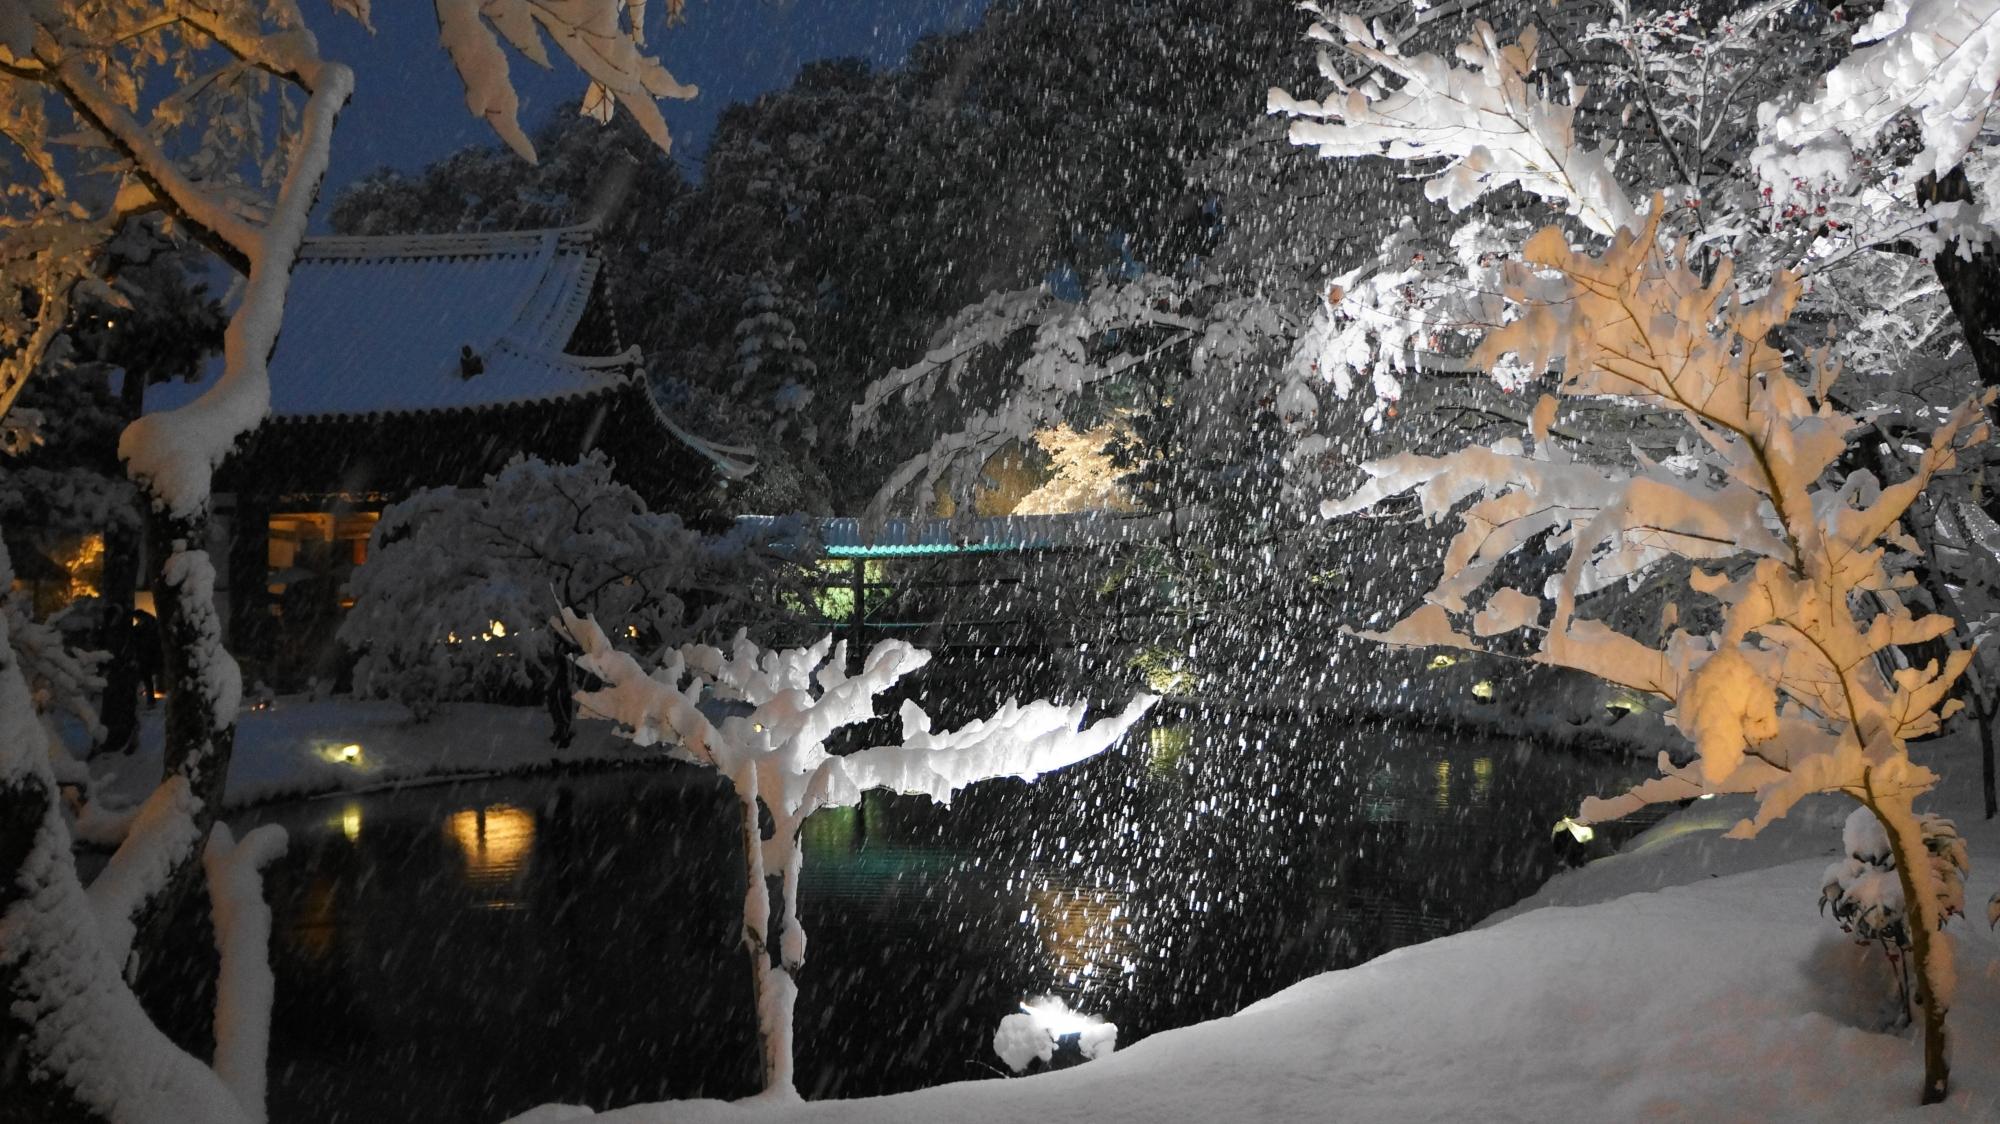 雪につつまれる臥龍池と開山堂の冬景色